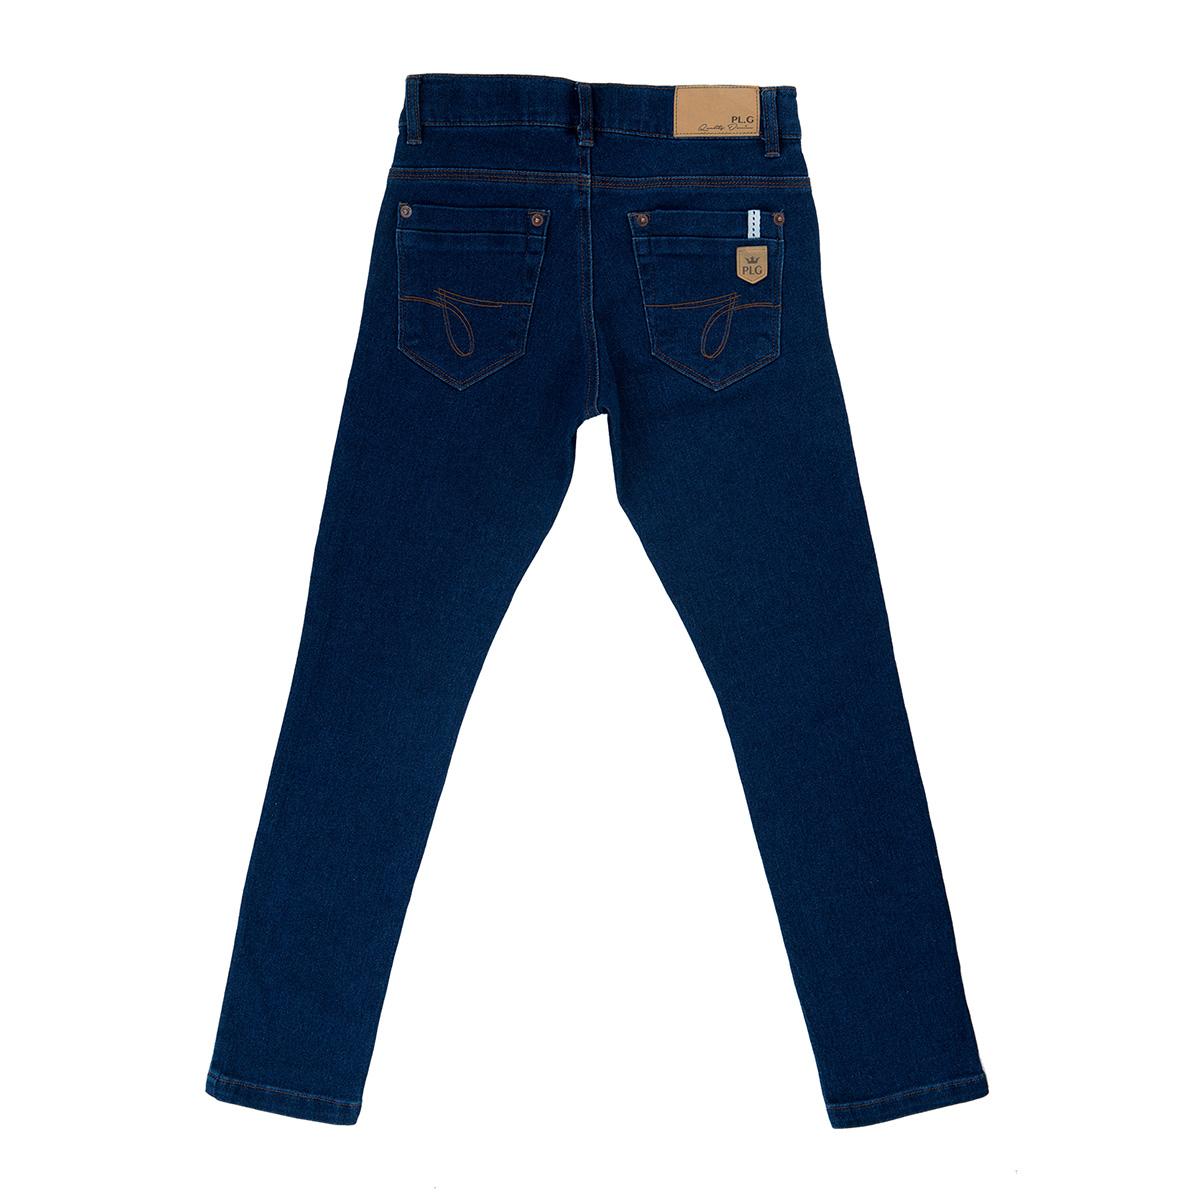 Calça Pull-Ga Masculina Jeans Nord